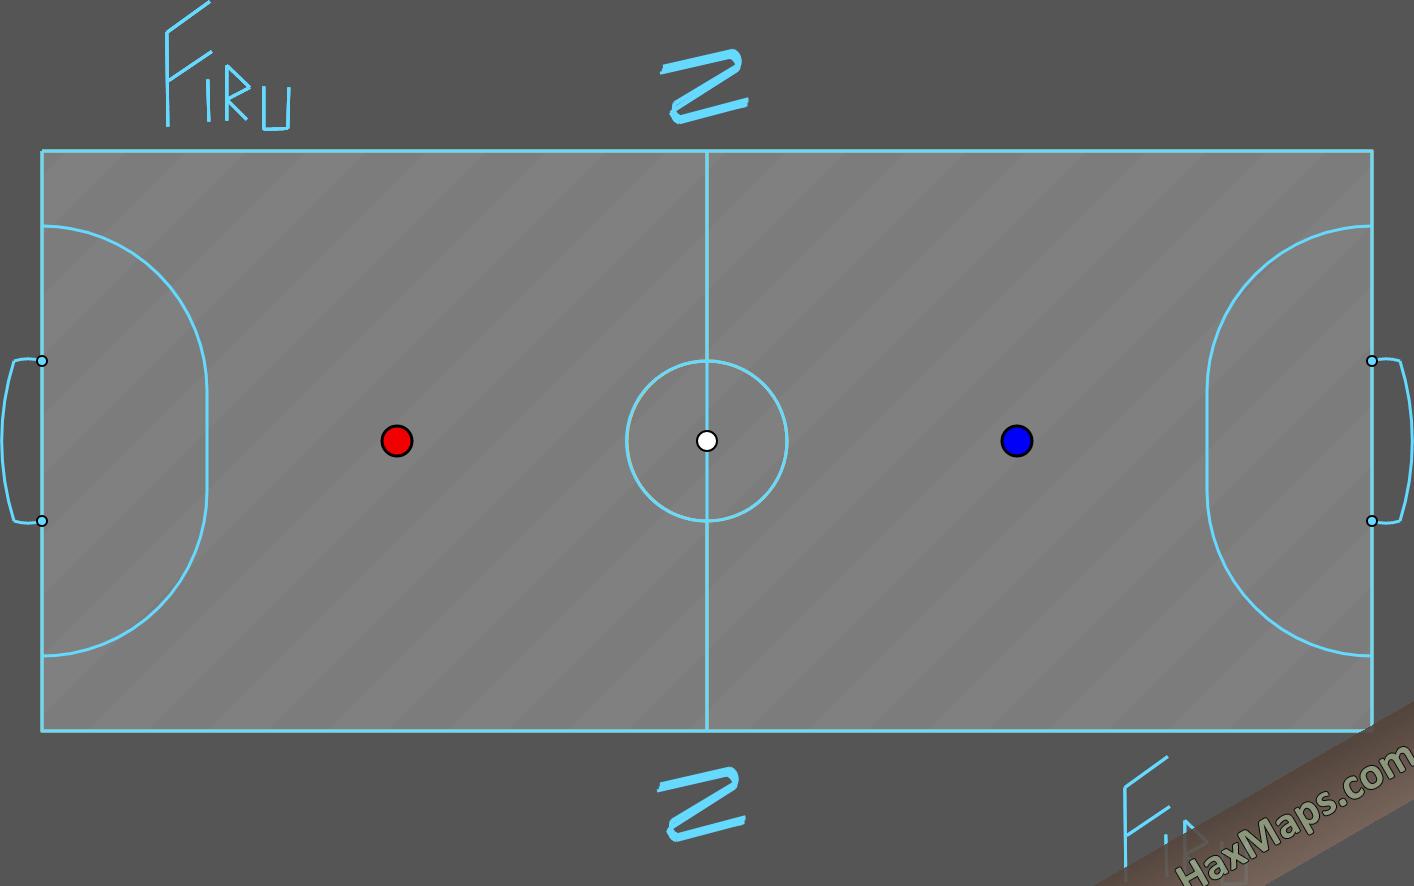 hax ball maps | FutsalBounce Firuleiro By ☡onic